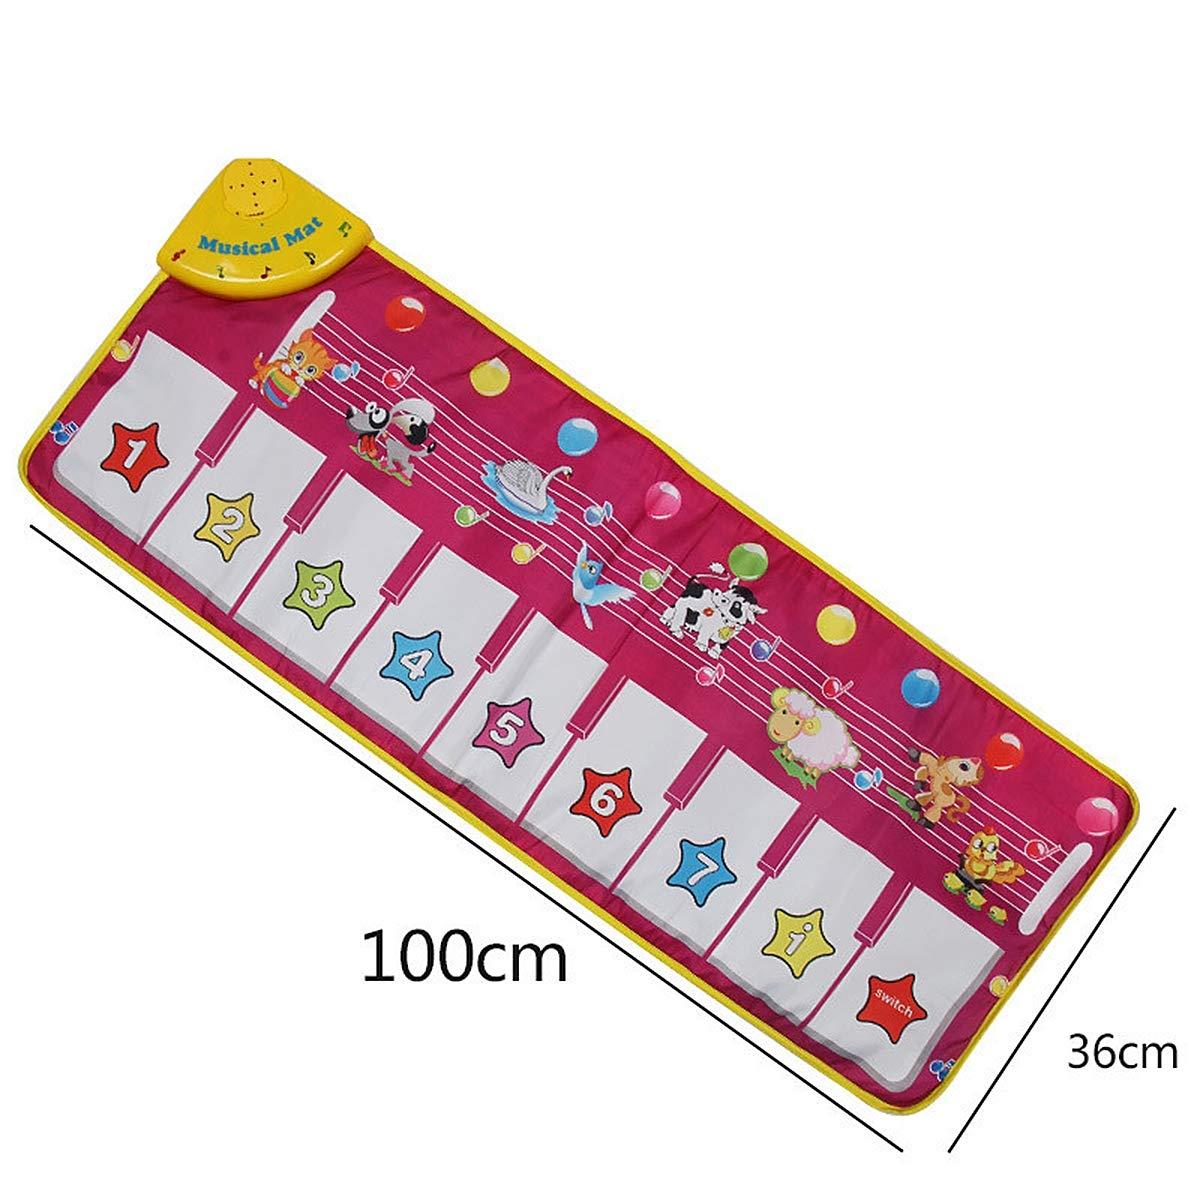 Children's Electronic Piano Mat, Electronic Music Playmat Piano Mat Cartoon Animal Fun Crawling Blanket